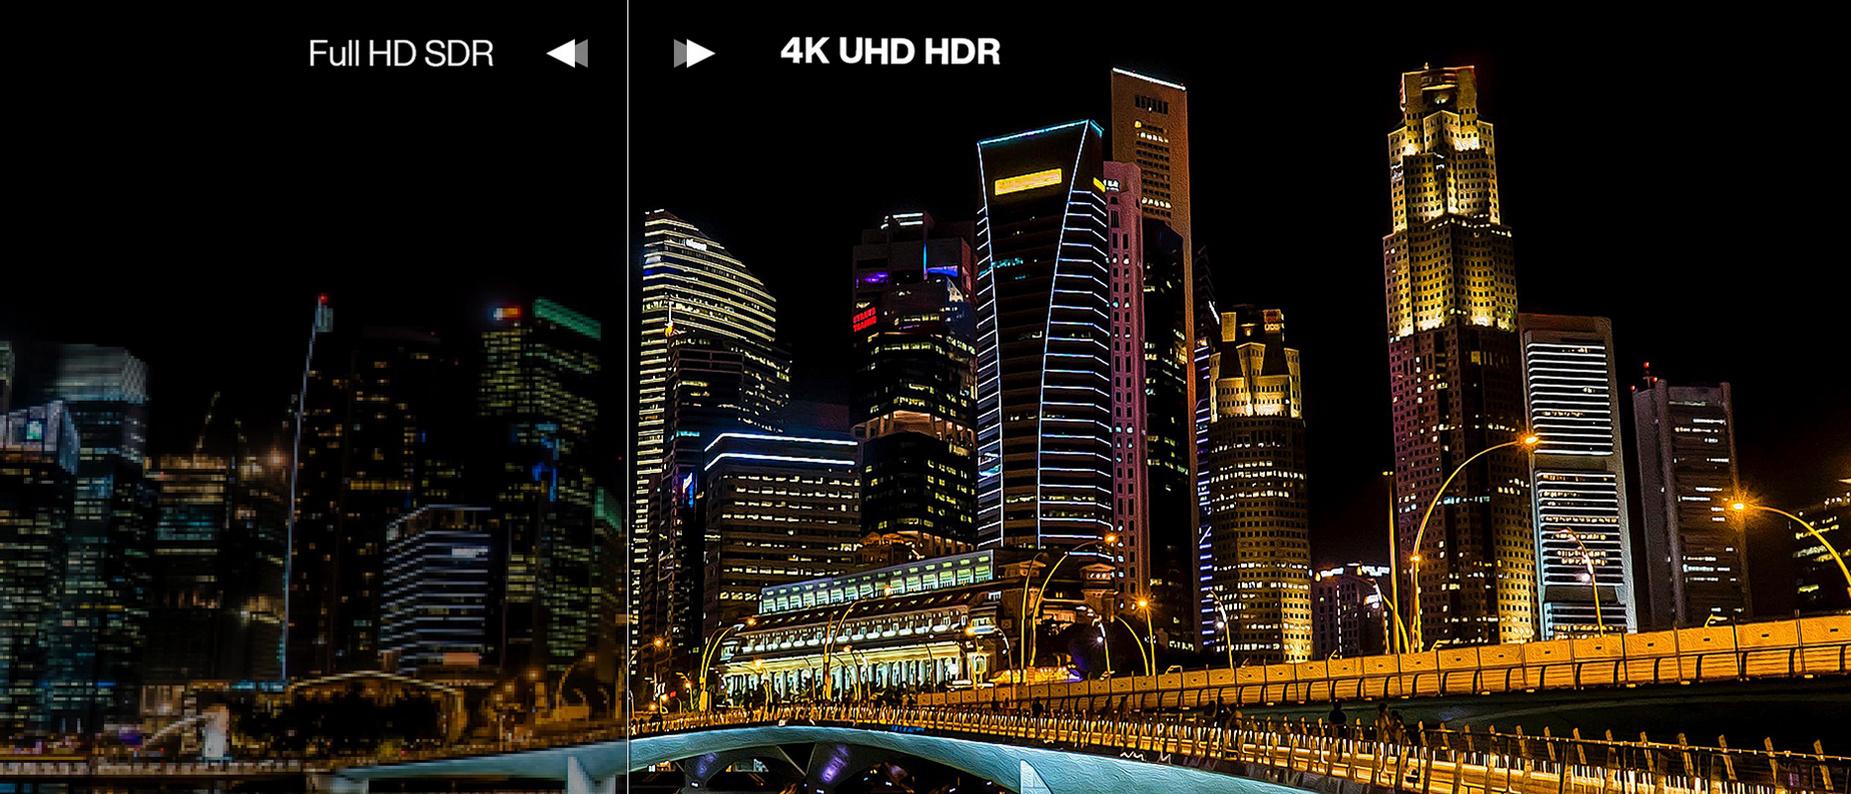 Hình ảnh chi tiết hoàn hảo ở 4K HDR